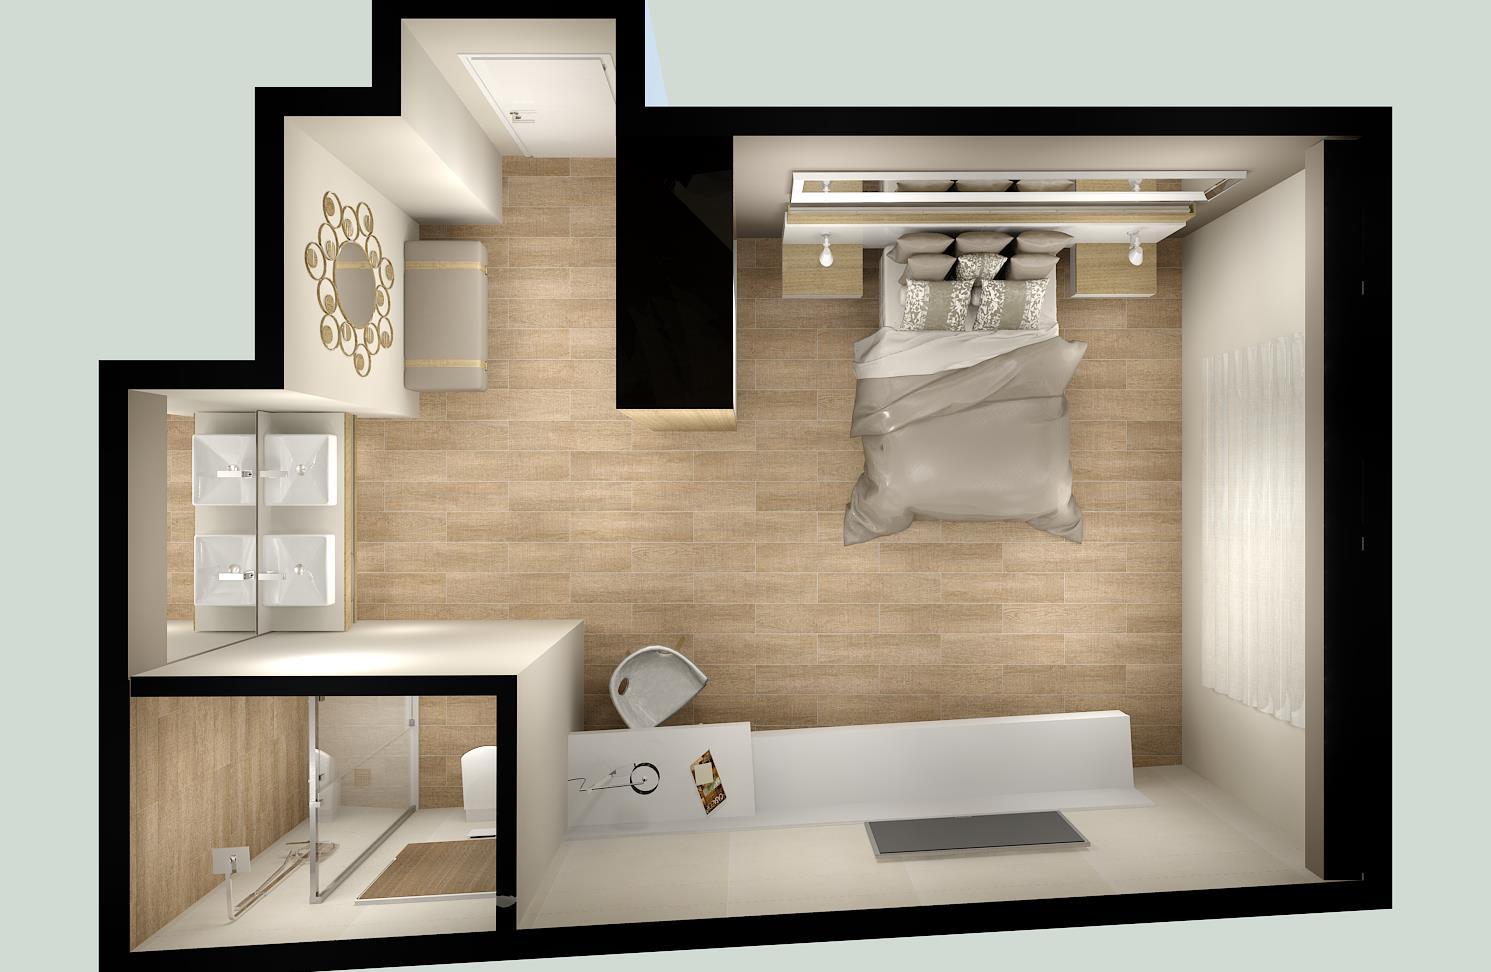 proyecto habitacion suite con ba o emagres s l. Black Bedroom Furniture Sets. Home Design Ideas